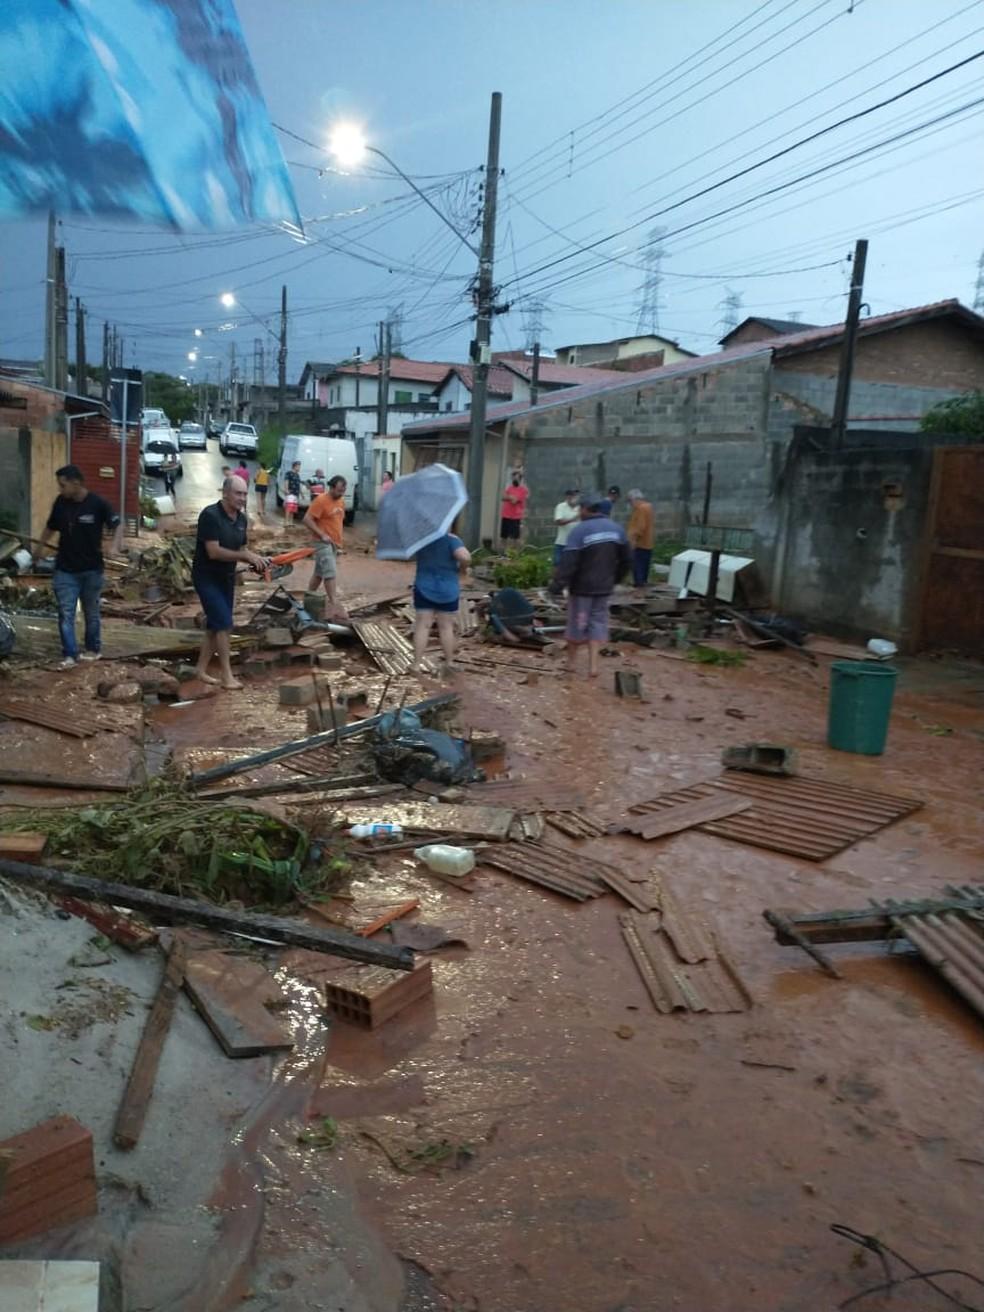 Casas do bairro São Gonçalo, em Taubaté, ficam alagadas — Foto: Andressa Karina/Arquivo pessoal